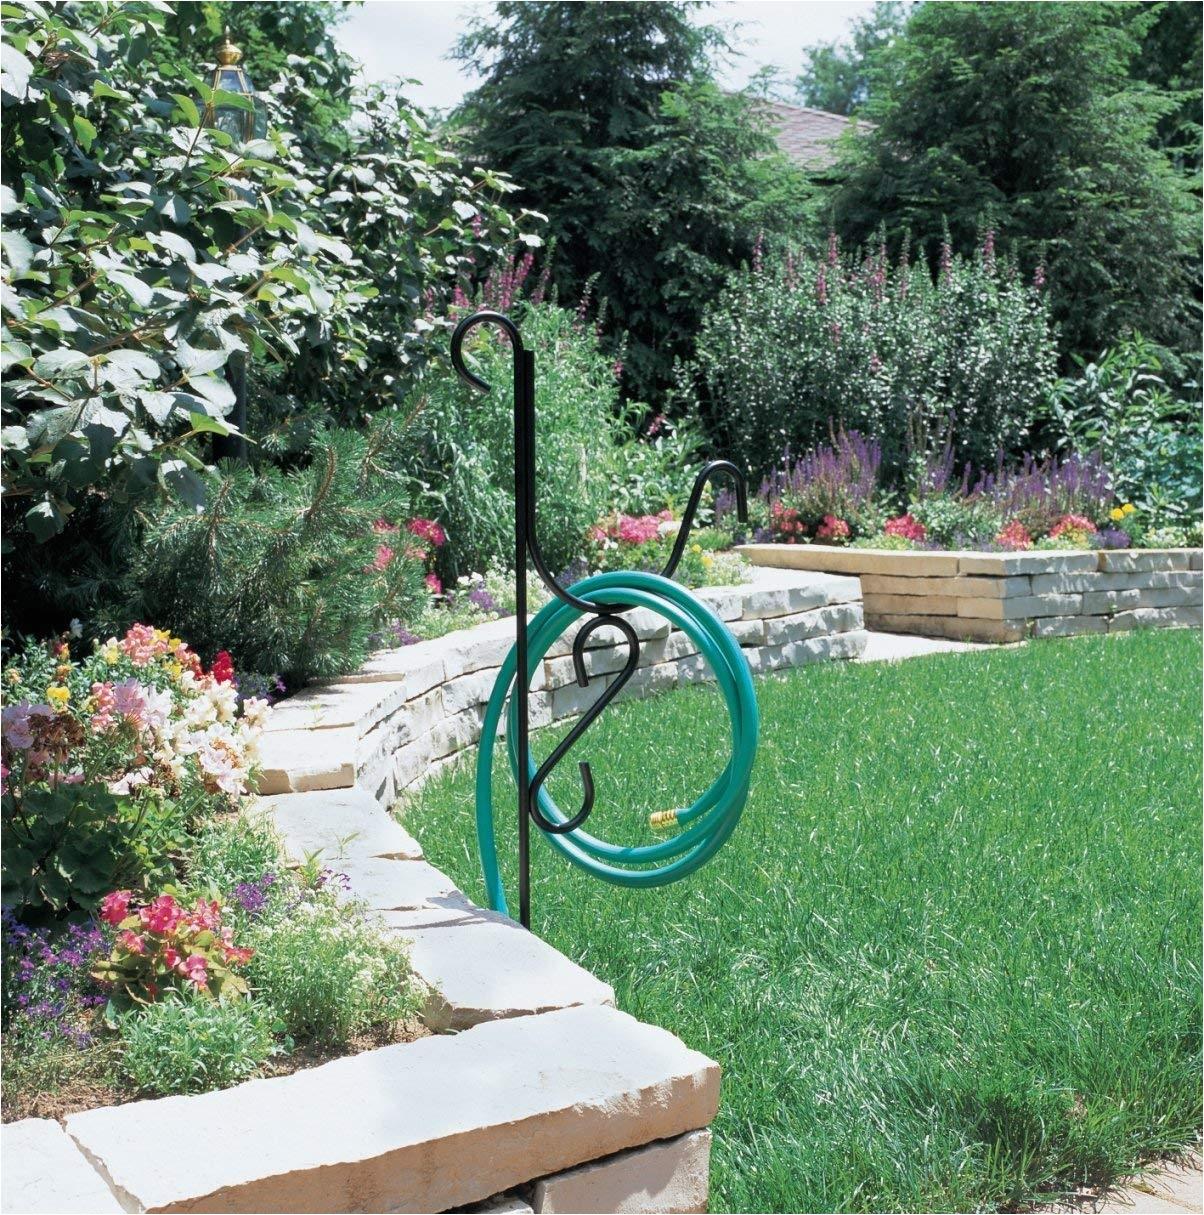 liberty garden decorative mediterranean hose butler stand amazon com panacea 89023 garden hose stand black plant - Liberty Garden